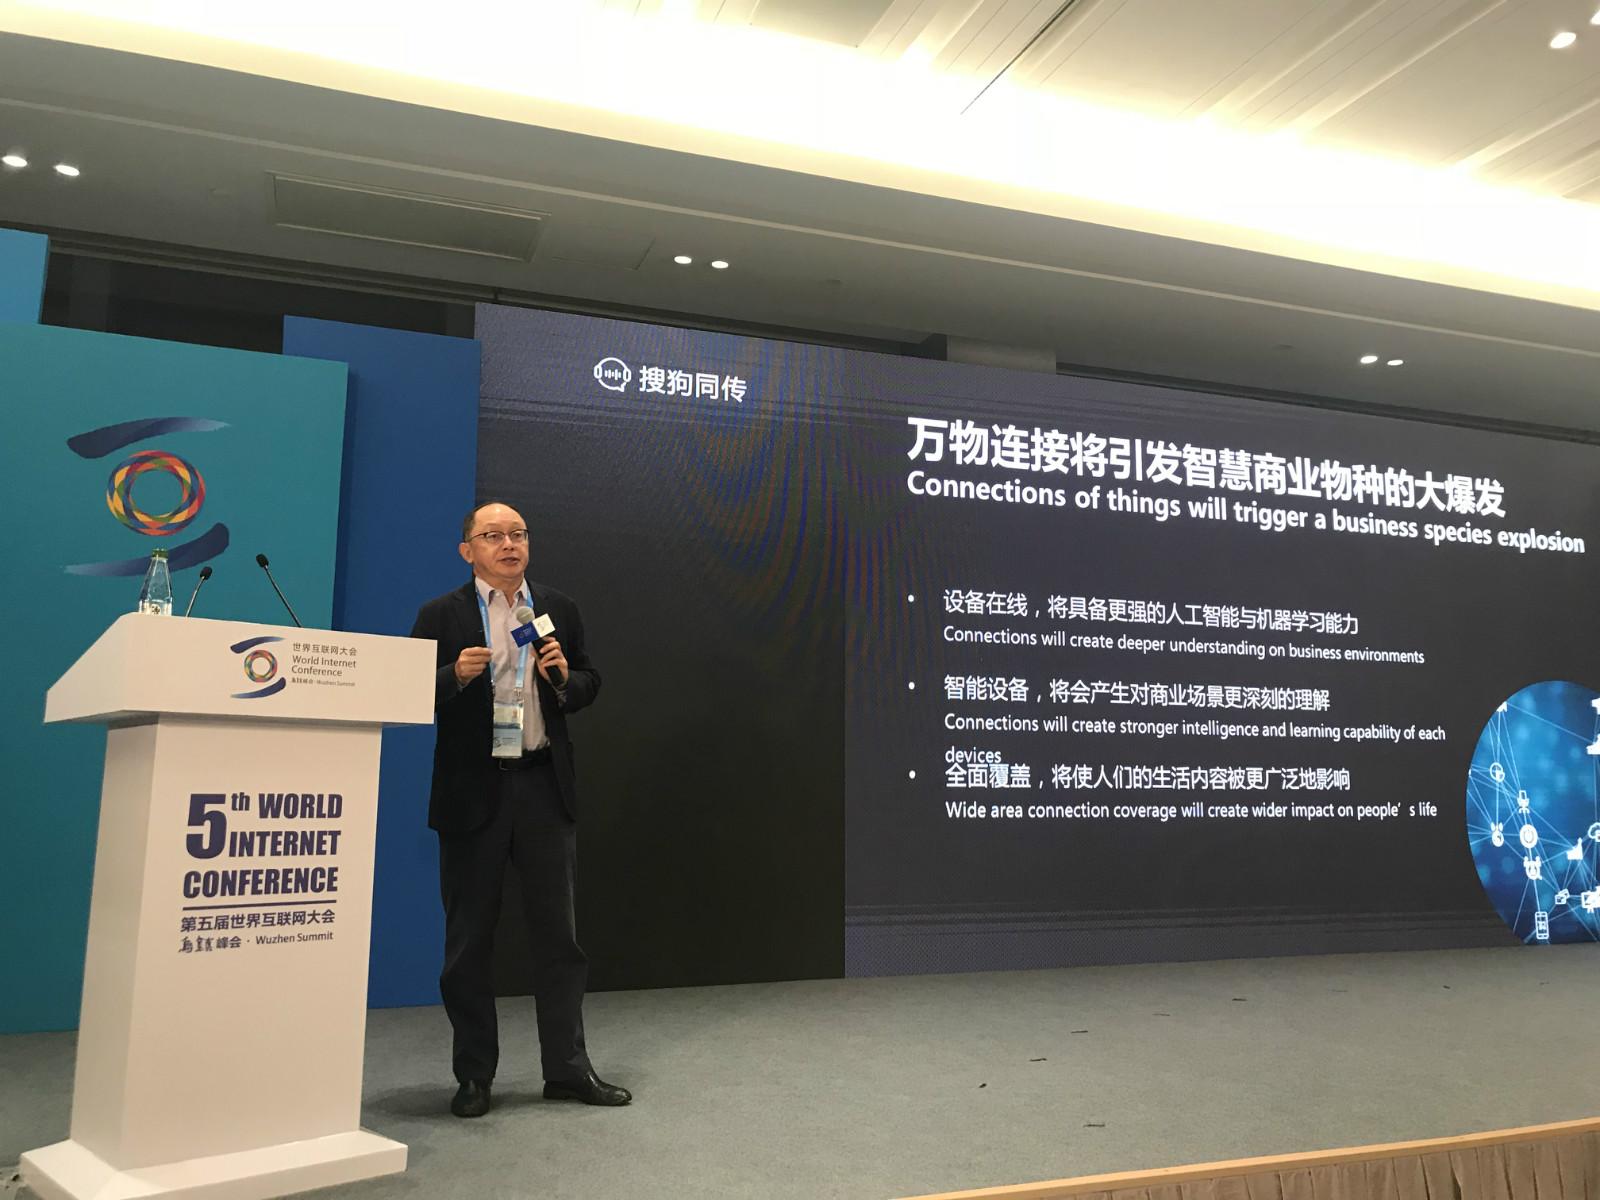 乌镇峰会|亚信董事长田溯宁:万物互联将催生公司新物种大爆发